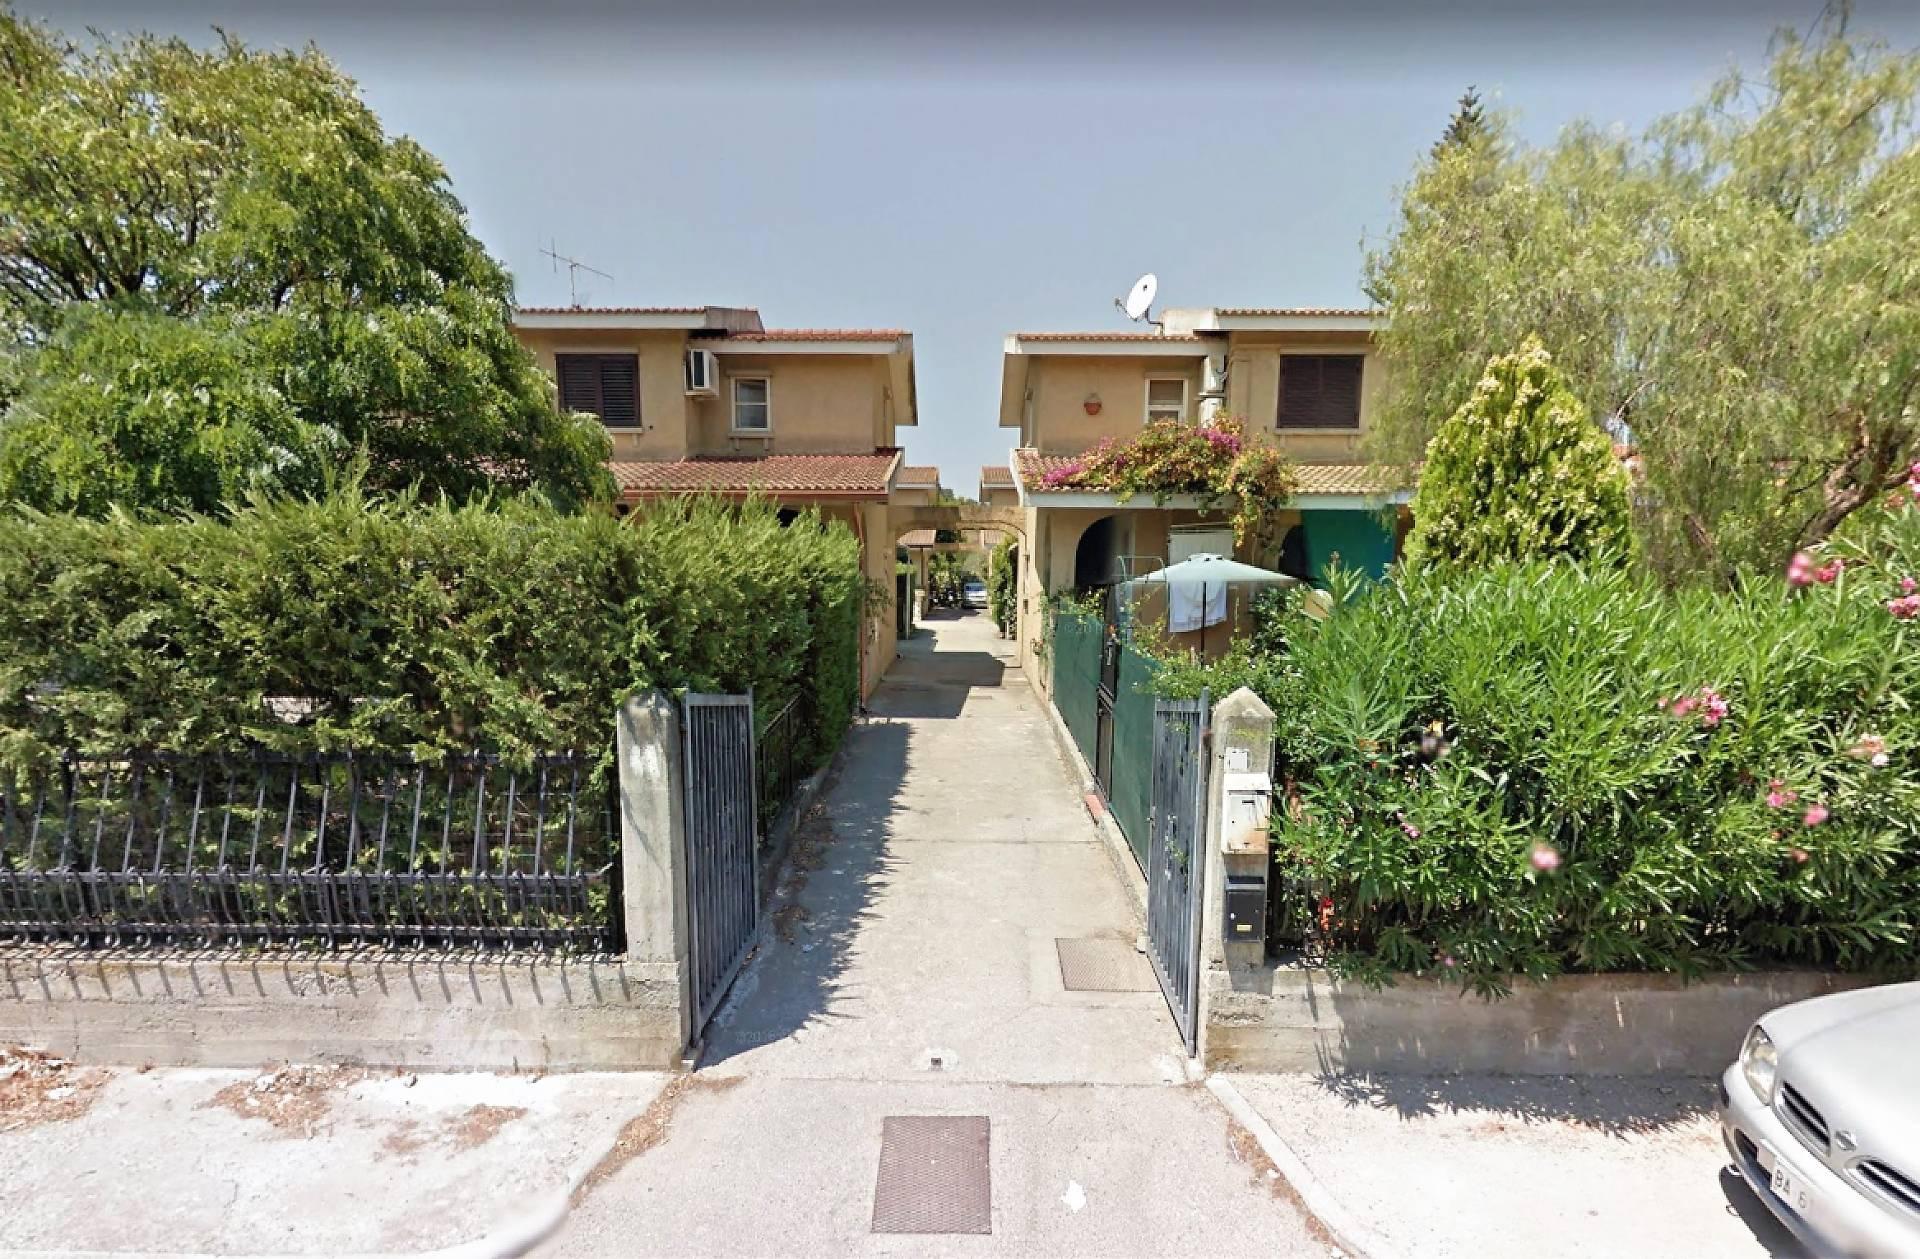 Villa a Schiera in vendita a Borgia, 3 locali, zona Località: RoccellettadiBorgia, prezzo € 115.000   CambioCasa.it